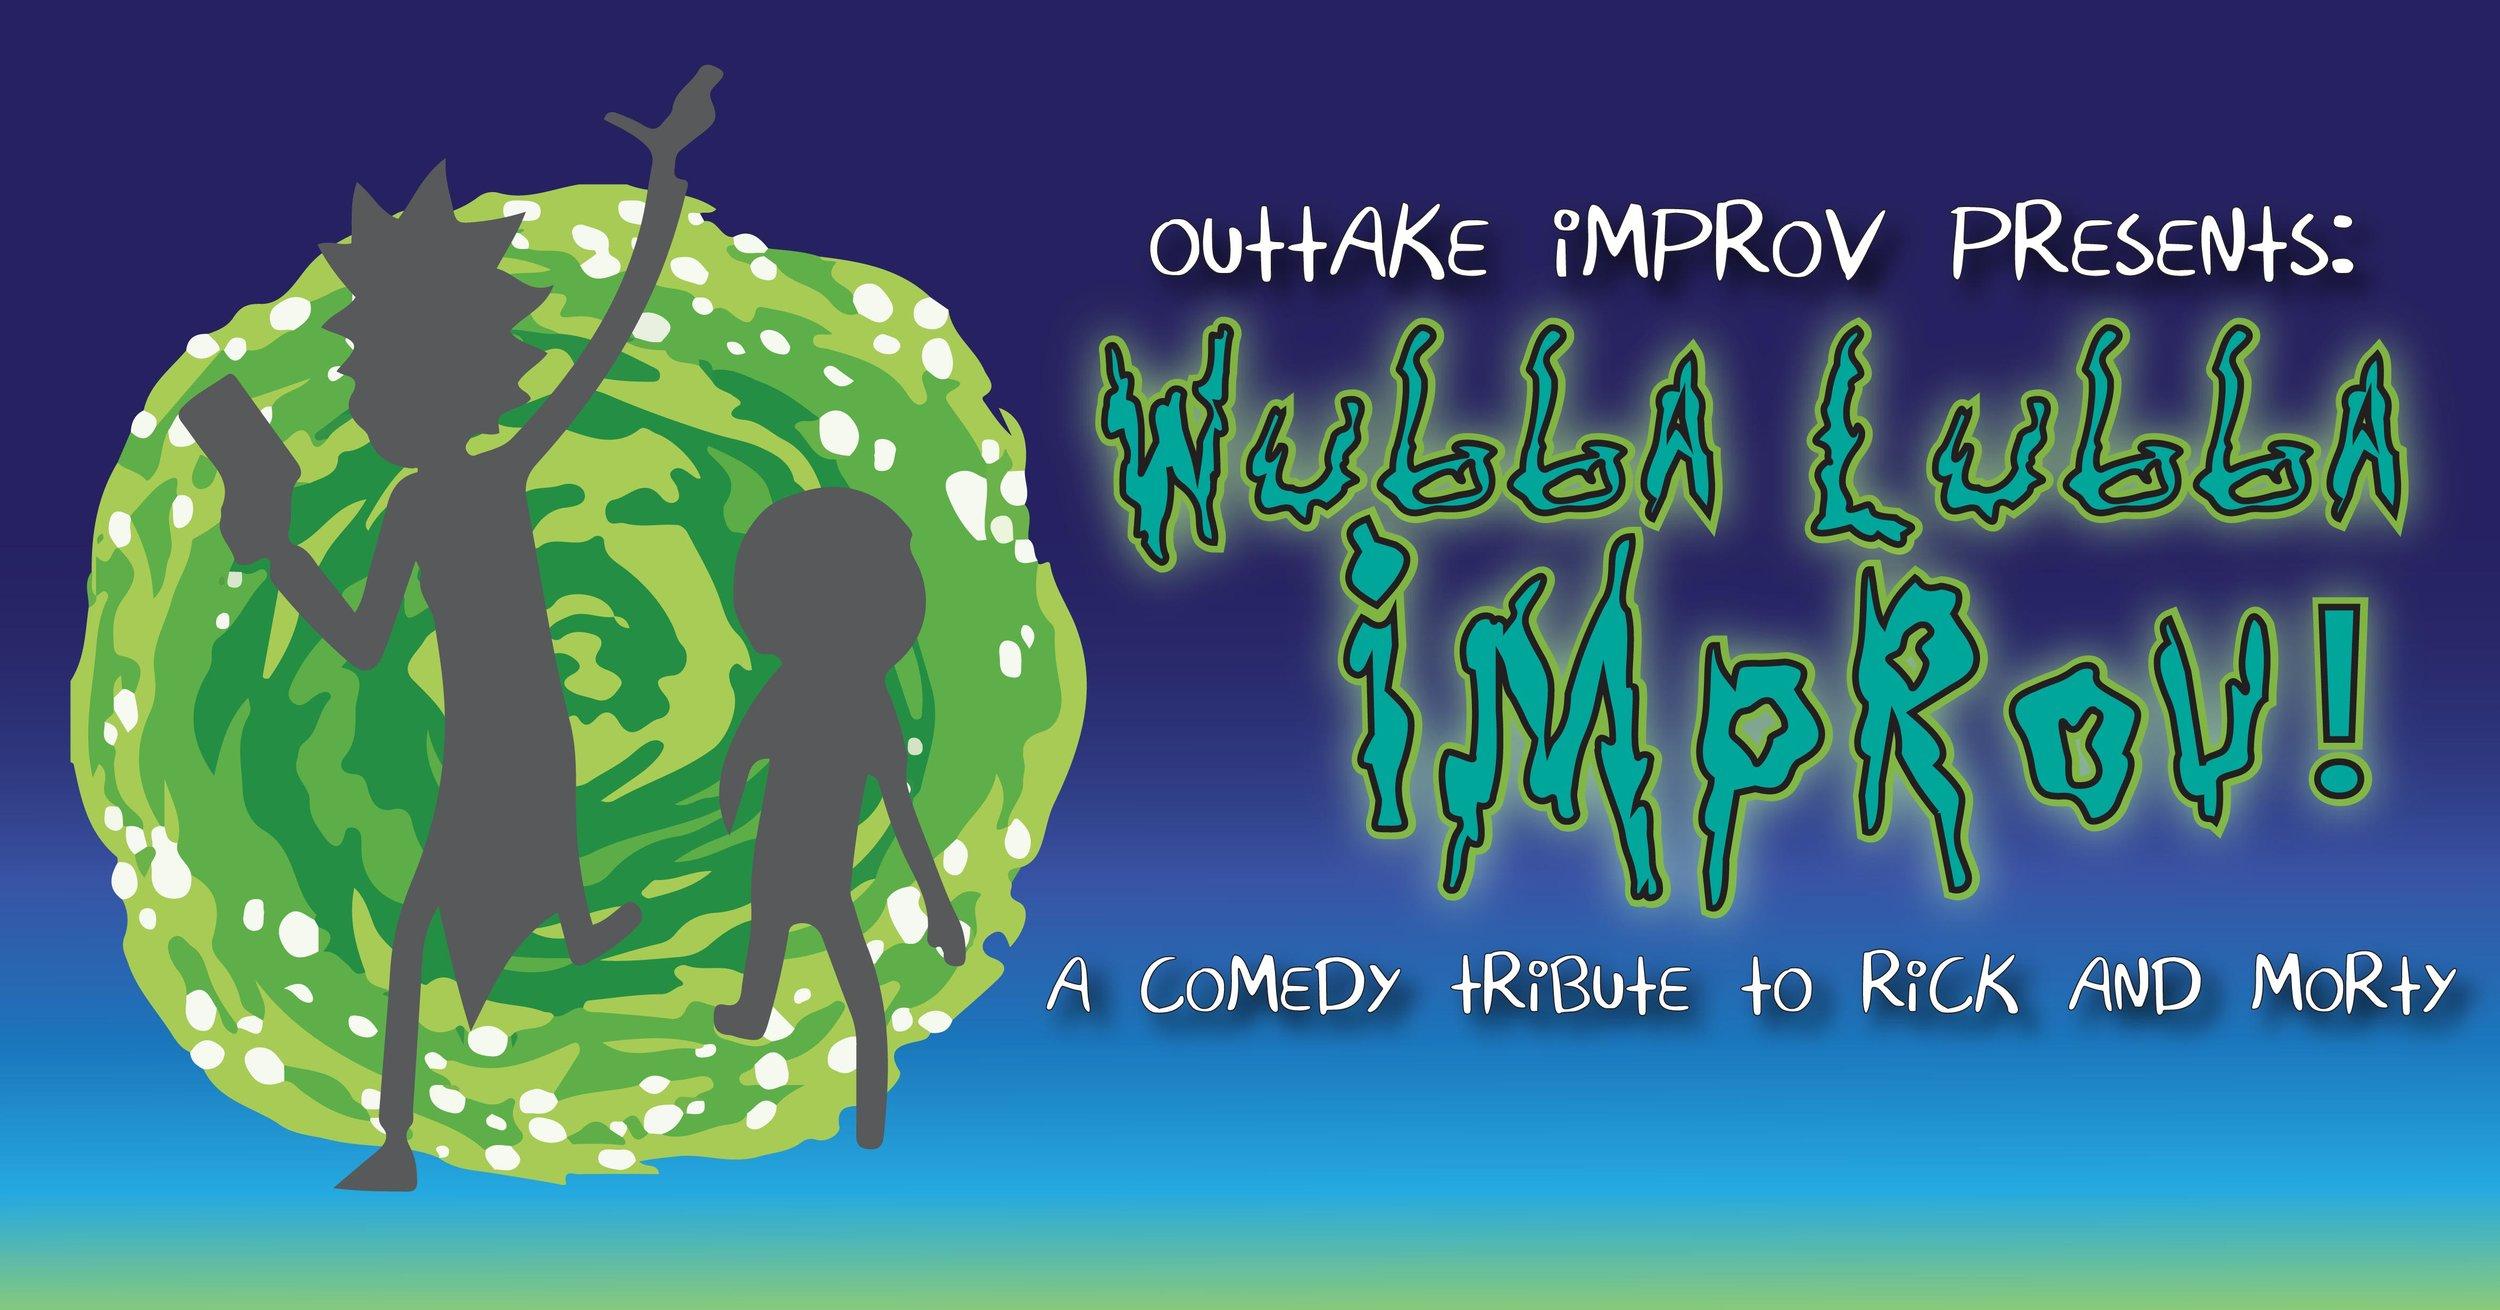 Wubba Lubba Improv! - Event Photo copy.jpg